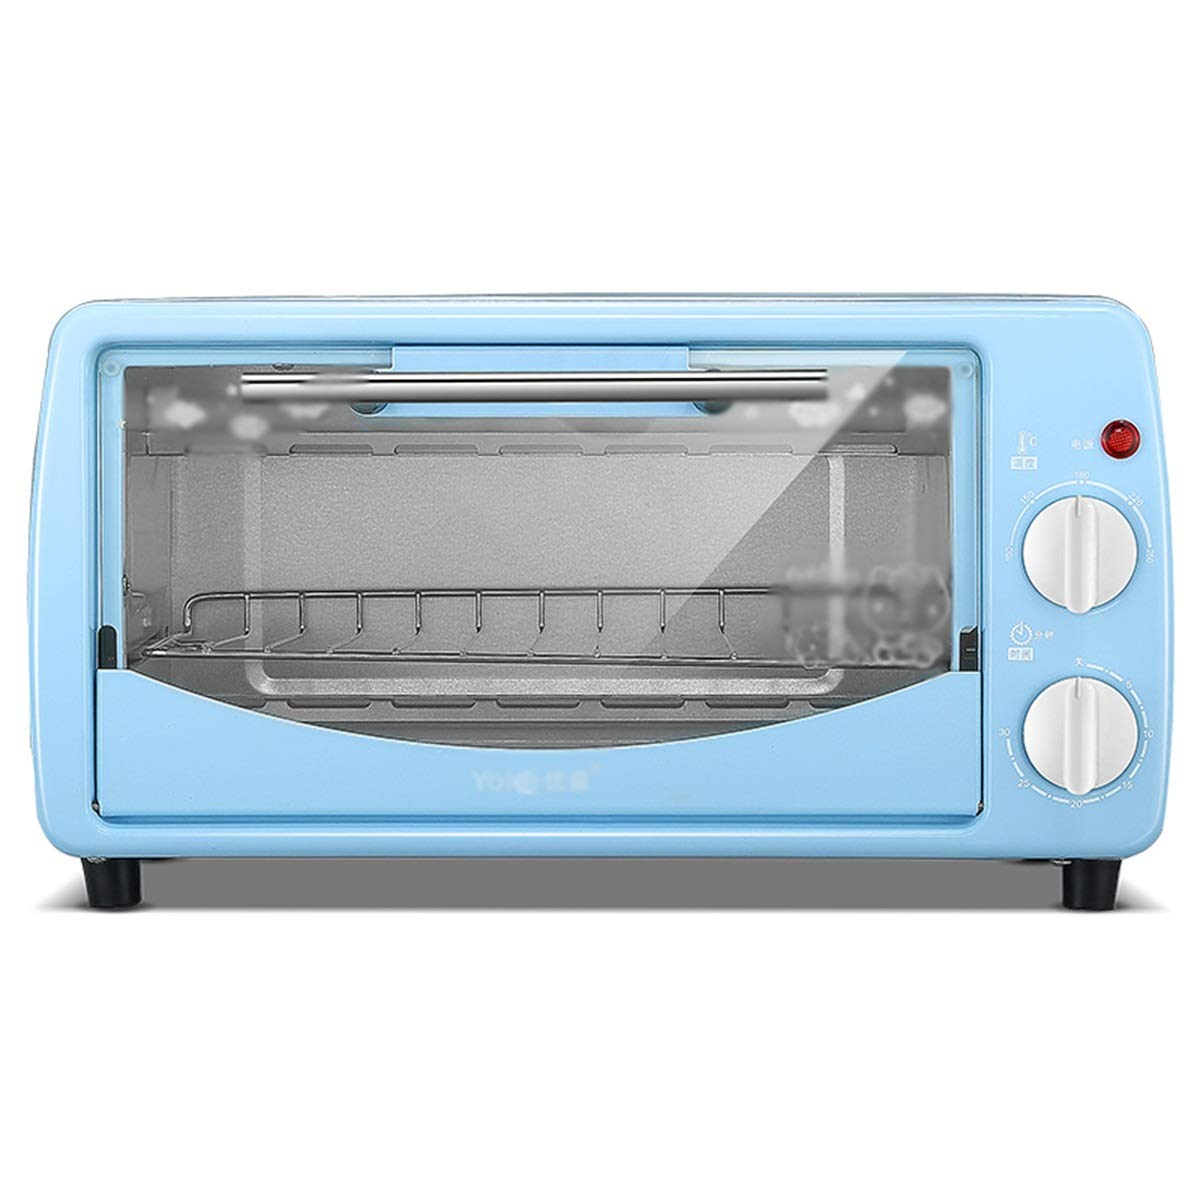 WPQW ミニオーブン - ミニオーブン家庭用ベーキングオーブン小容量電気オーブン多機能オーブン -748オーブントースター (色 : 青) B07RSM2QGM 青